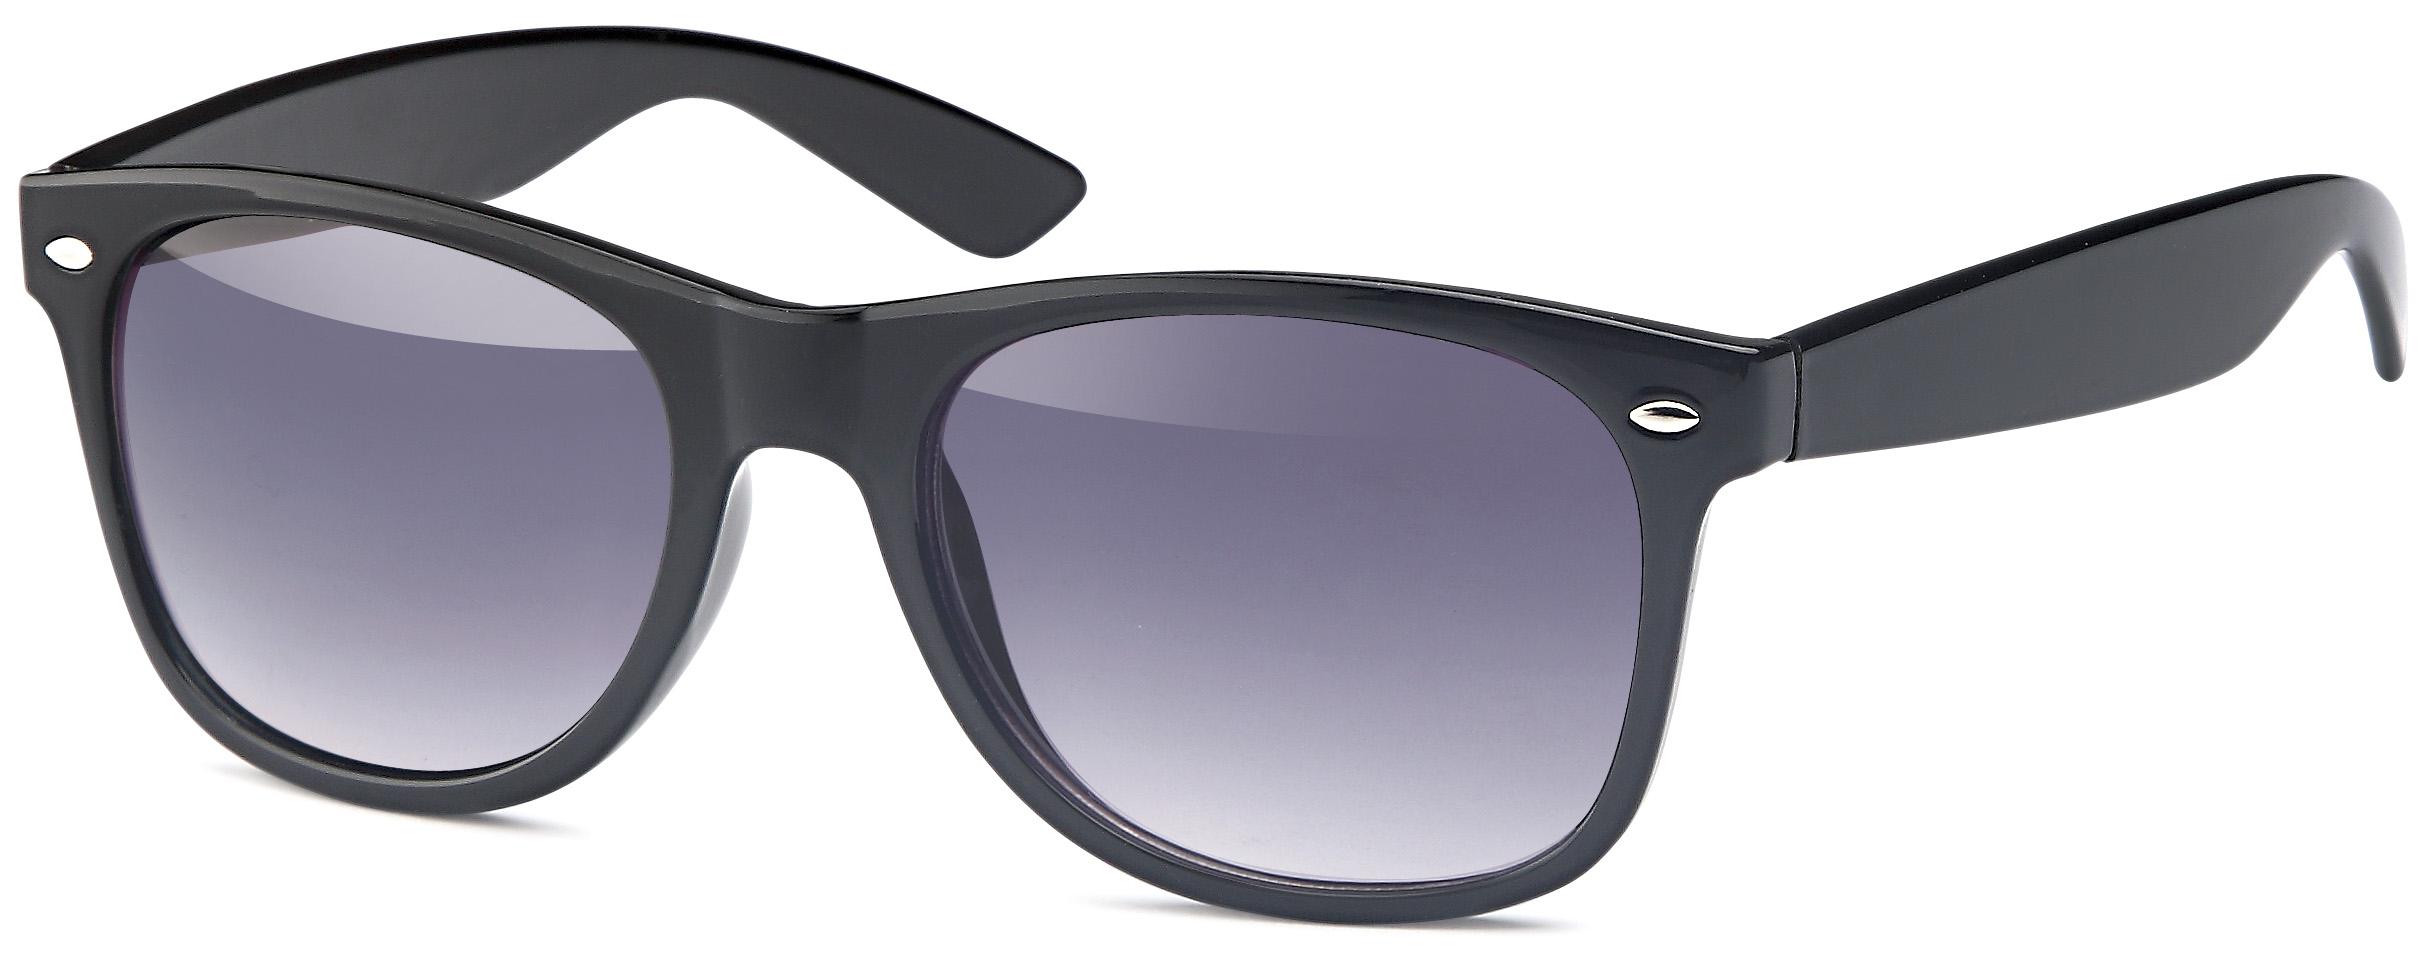 Sonnenbrille B104